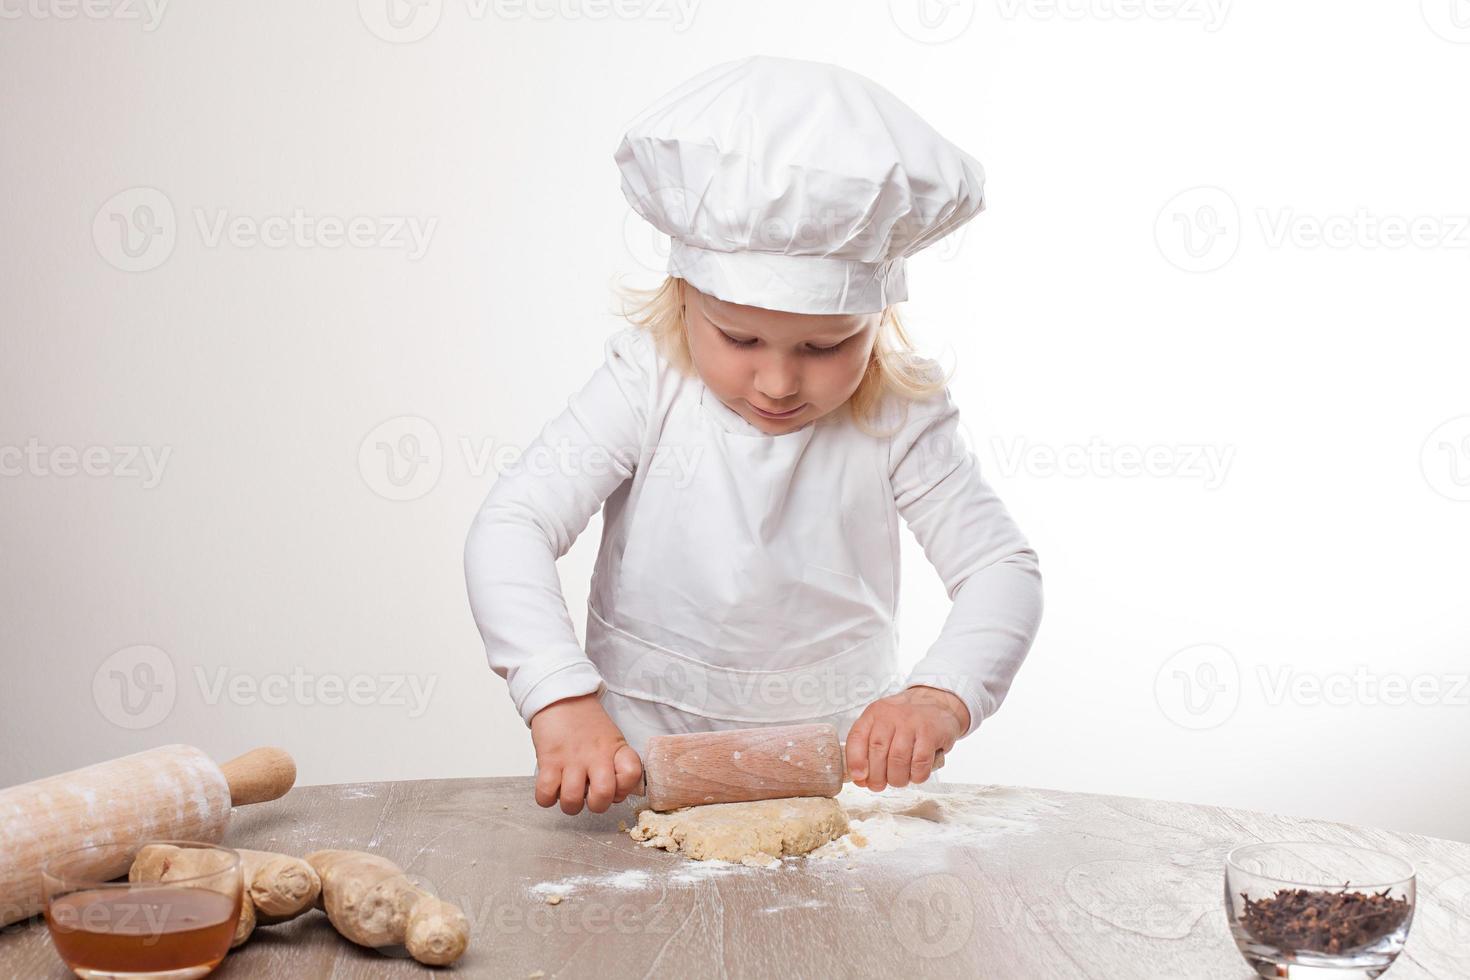 pequeno chef foto